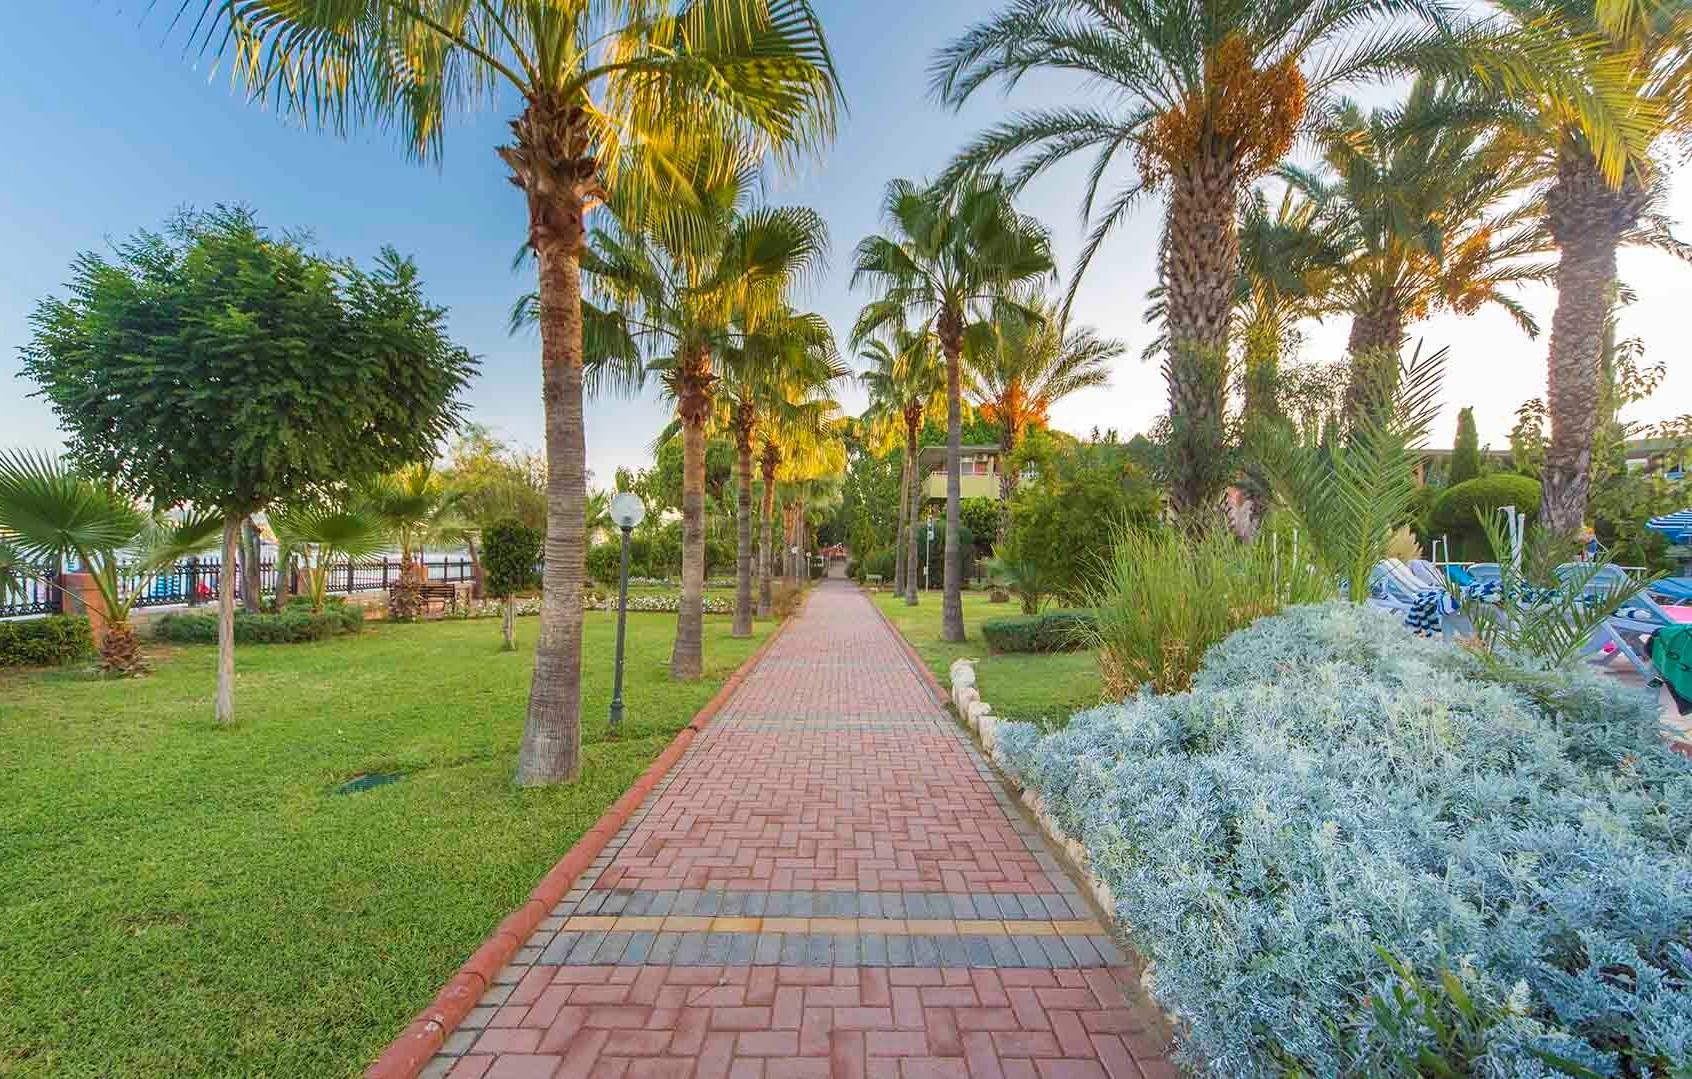 Lonicera World garden